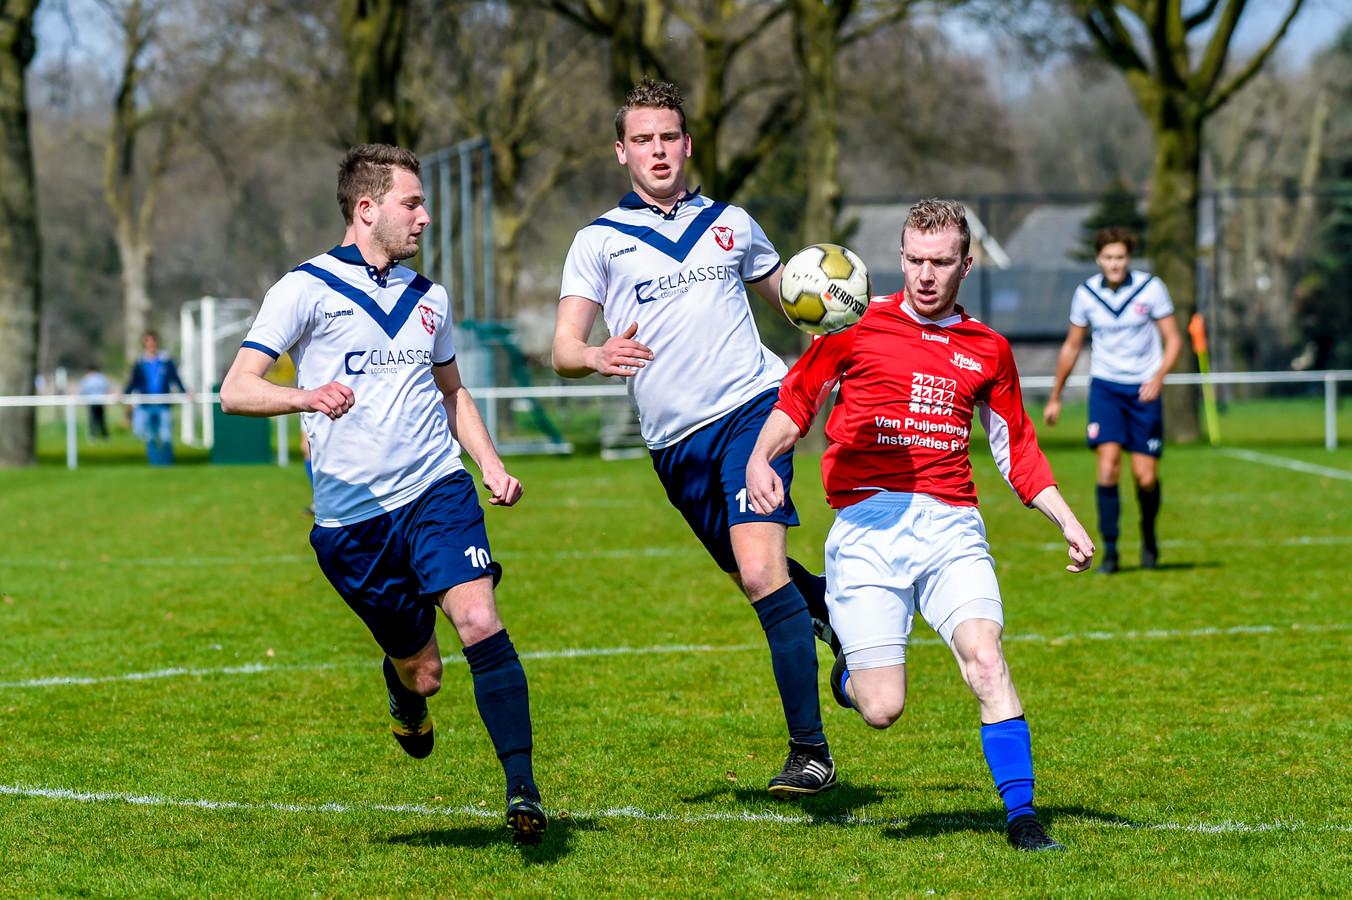 Viola (rood) verzekerde zich zo goed als zeker van nog één seizoen vierde klasse tegen SC Elshout. (archieffoto)